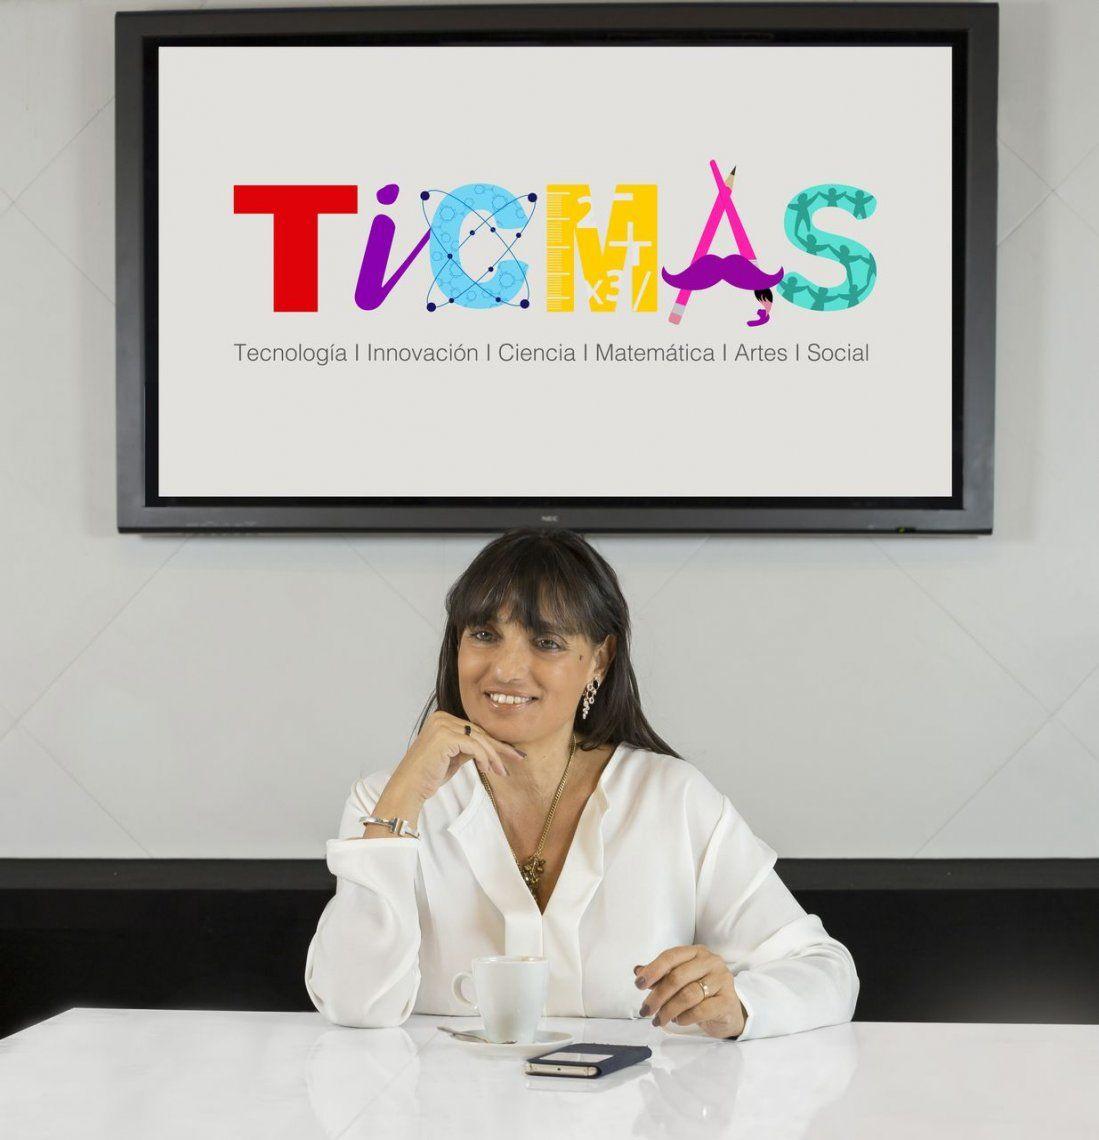 TICMAS, la innovadora plataforma educativa que se presentó en la Feria del Libro